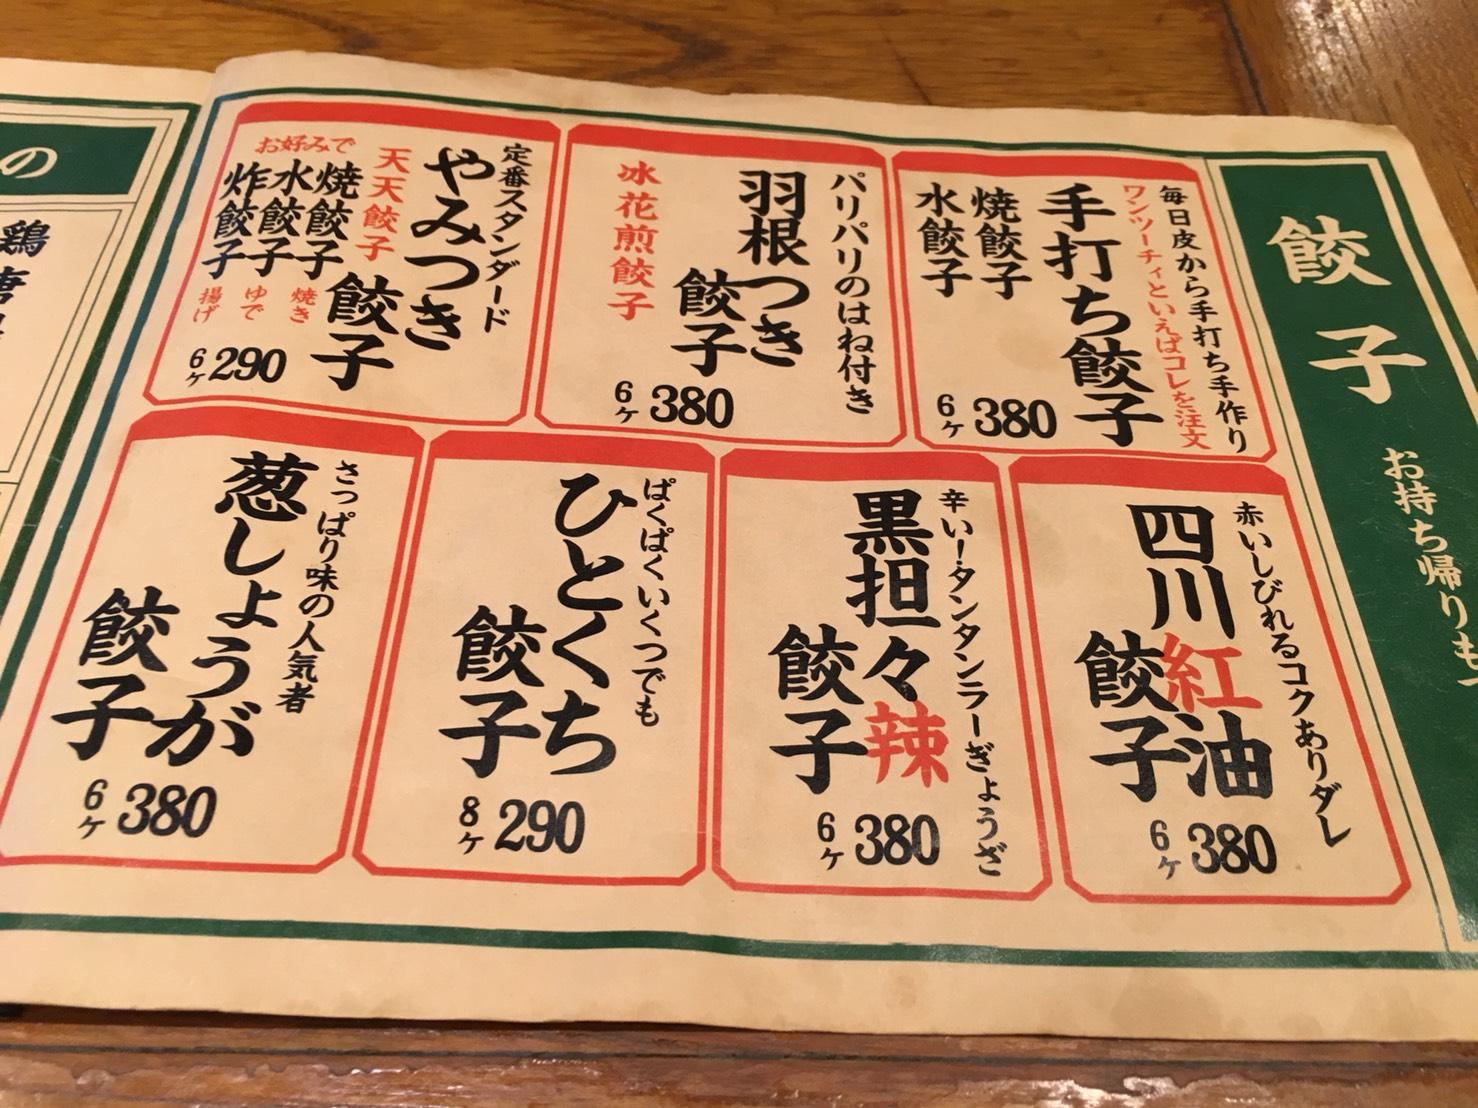 【大塚駅】迷走中?とても残念。旧富士ノ山食堂「万豚記」のメニュー